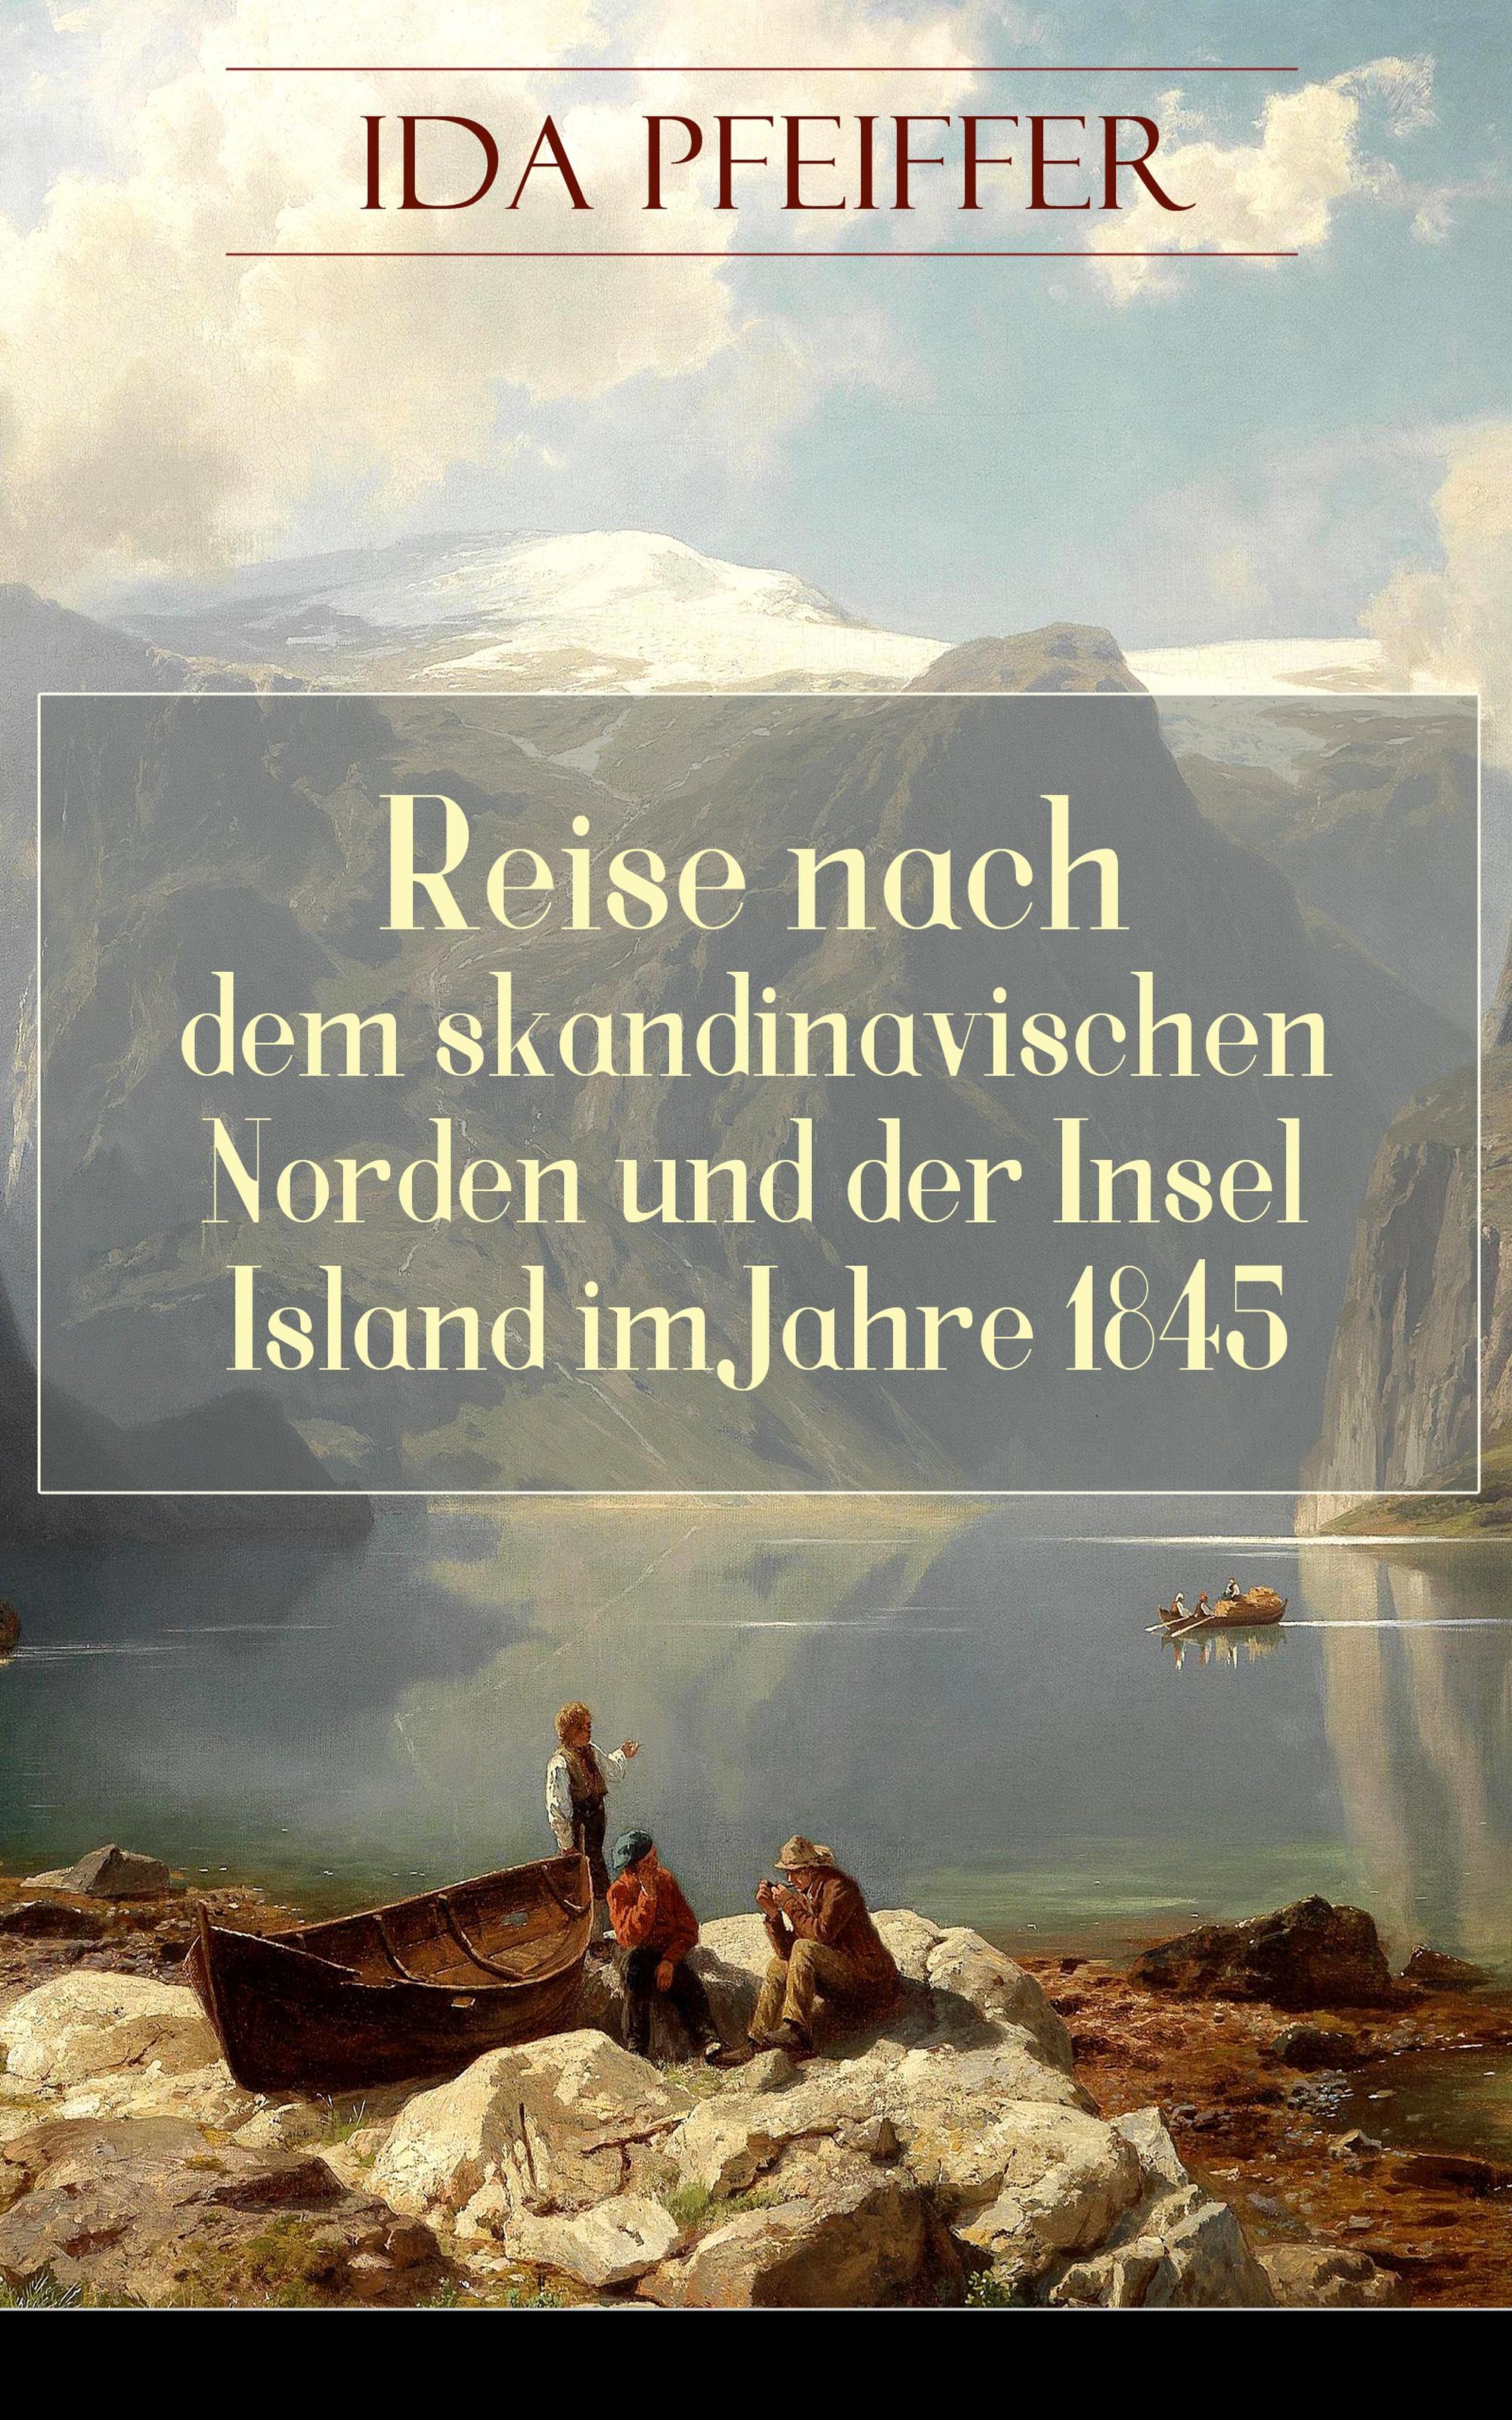 Ida Pfeiffer Reise nach dem skandinavischen Norden und der Insel Island im Jahre 1845. mozart auf der reise nach prag